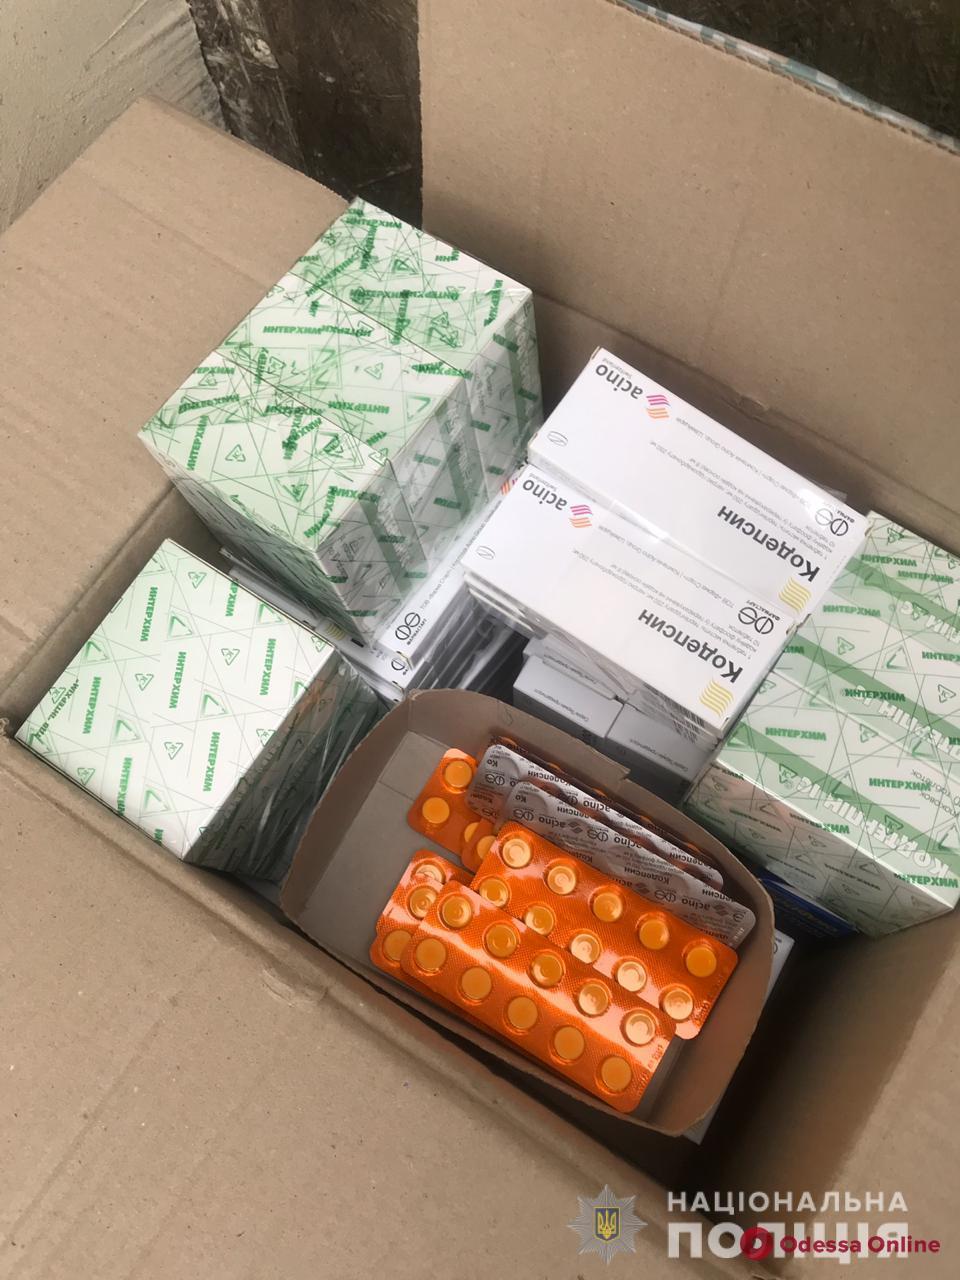 В Одесской области аптекарь продавала кодеиносодержащие препараты без рецепта